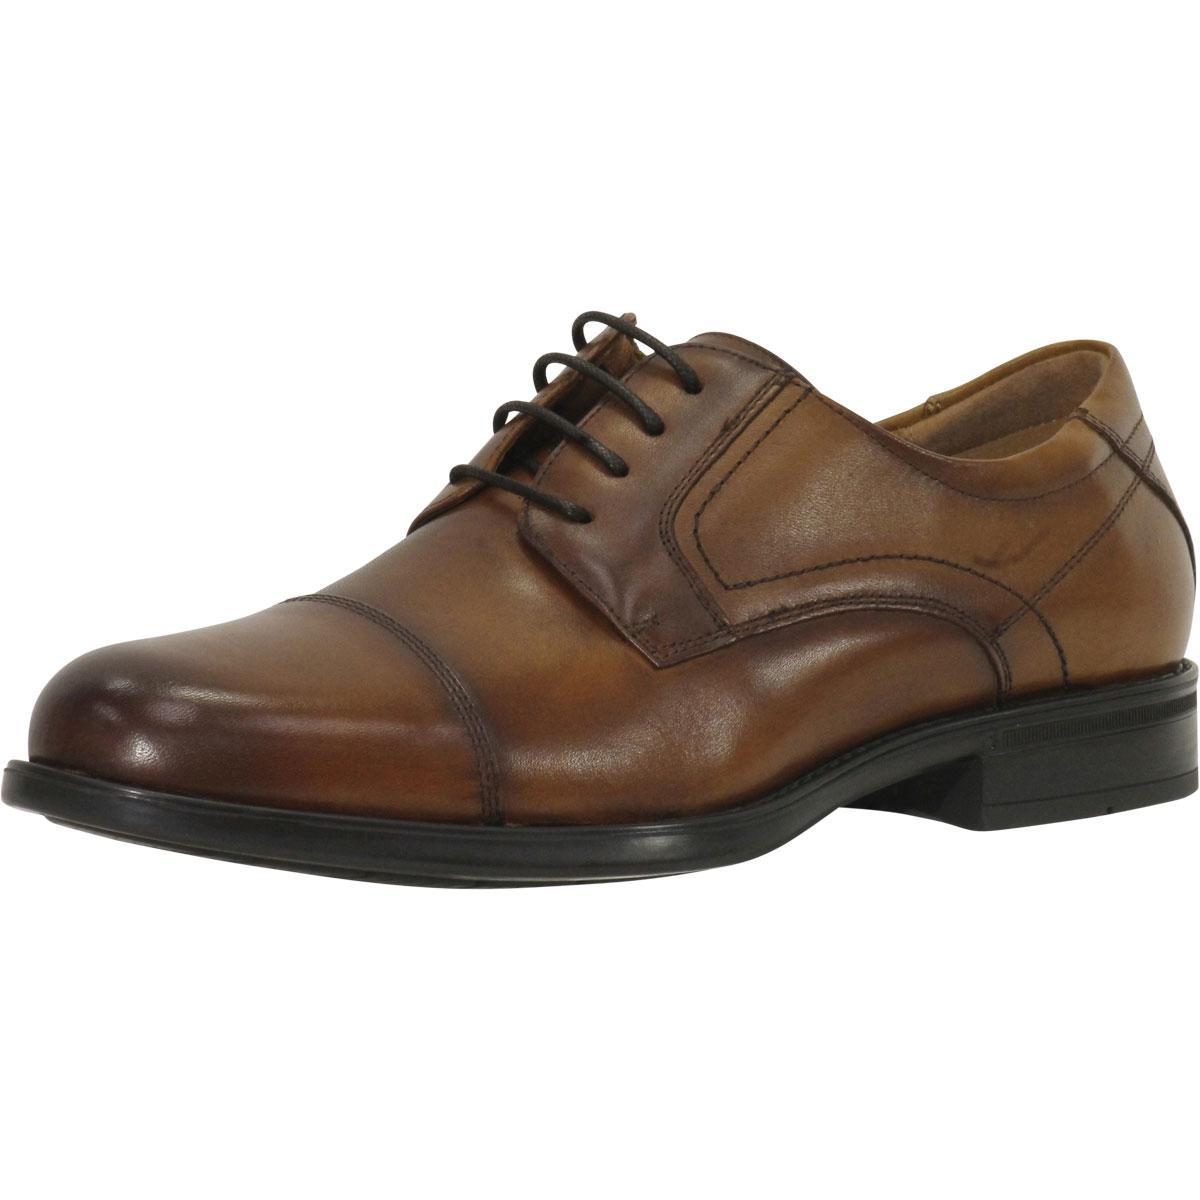 Image of Florsheim Comfortech Men's Midtown Cap Toe Oxfords Shoes - Cognac - 10 D(M) US